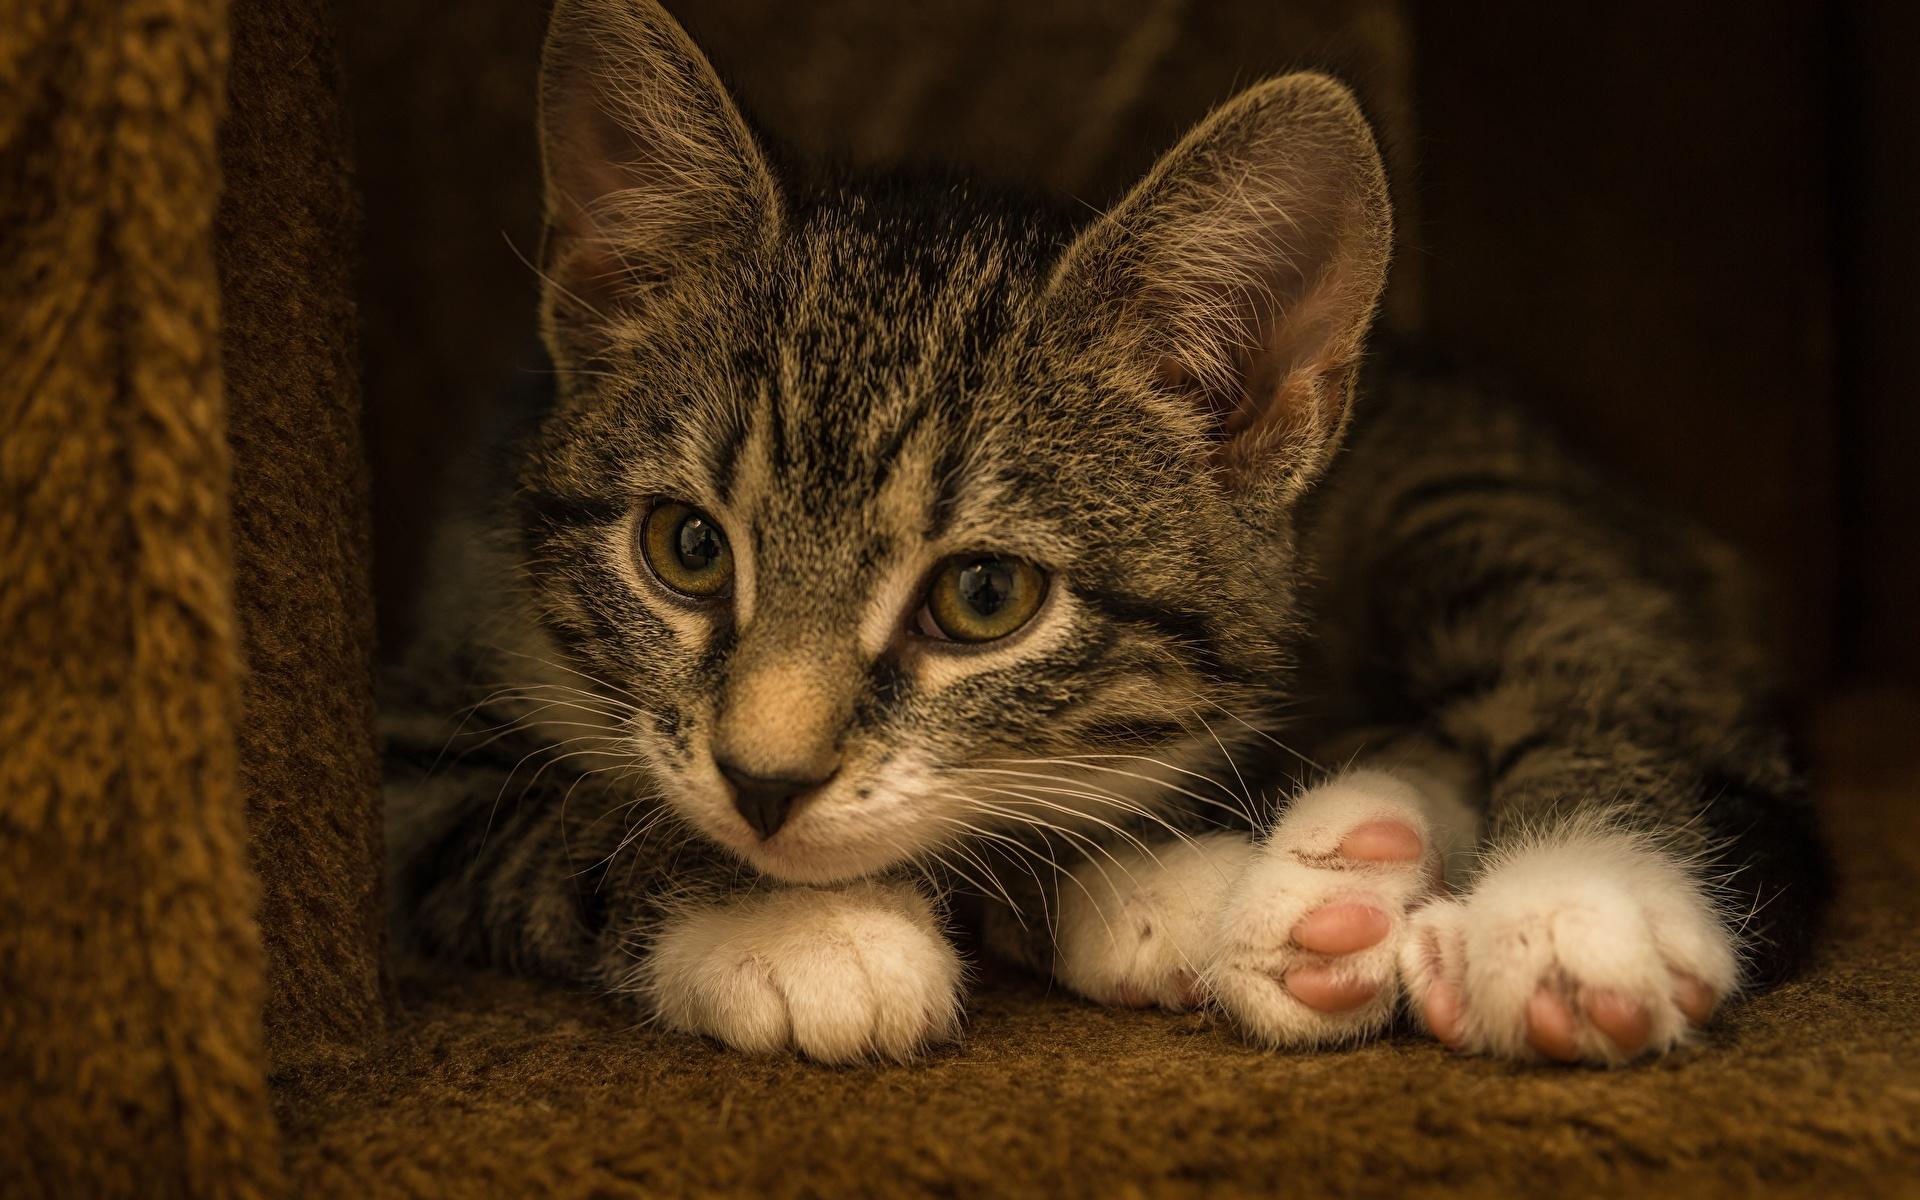 Обои для рабочего стола котенка кот лежа лап животное 1920x1200 котят Котята котенок коты Кошки кошка Лежит лежат лежачие Лапы Животные